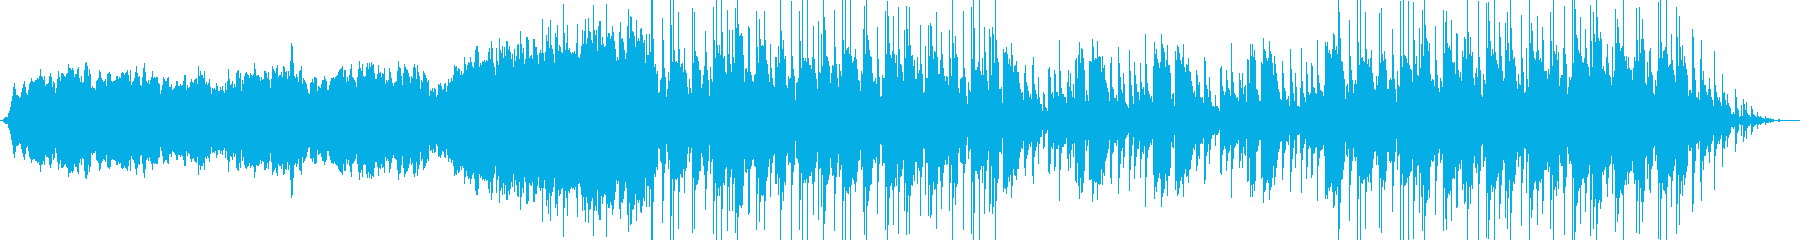 バイオリンやチェロが響く神秘的なBGMの再生済みの波形